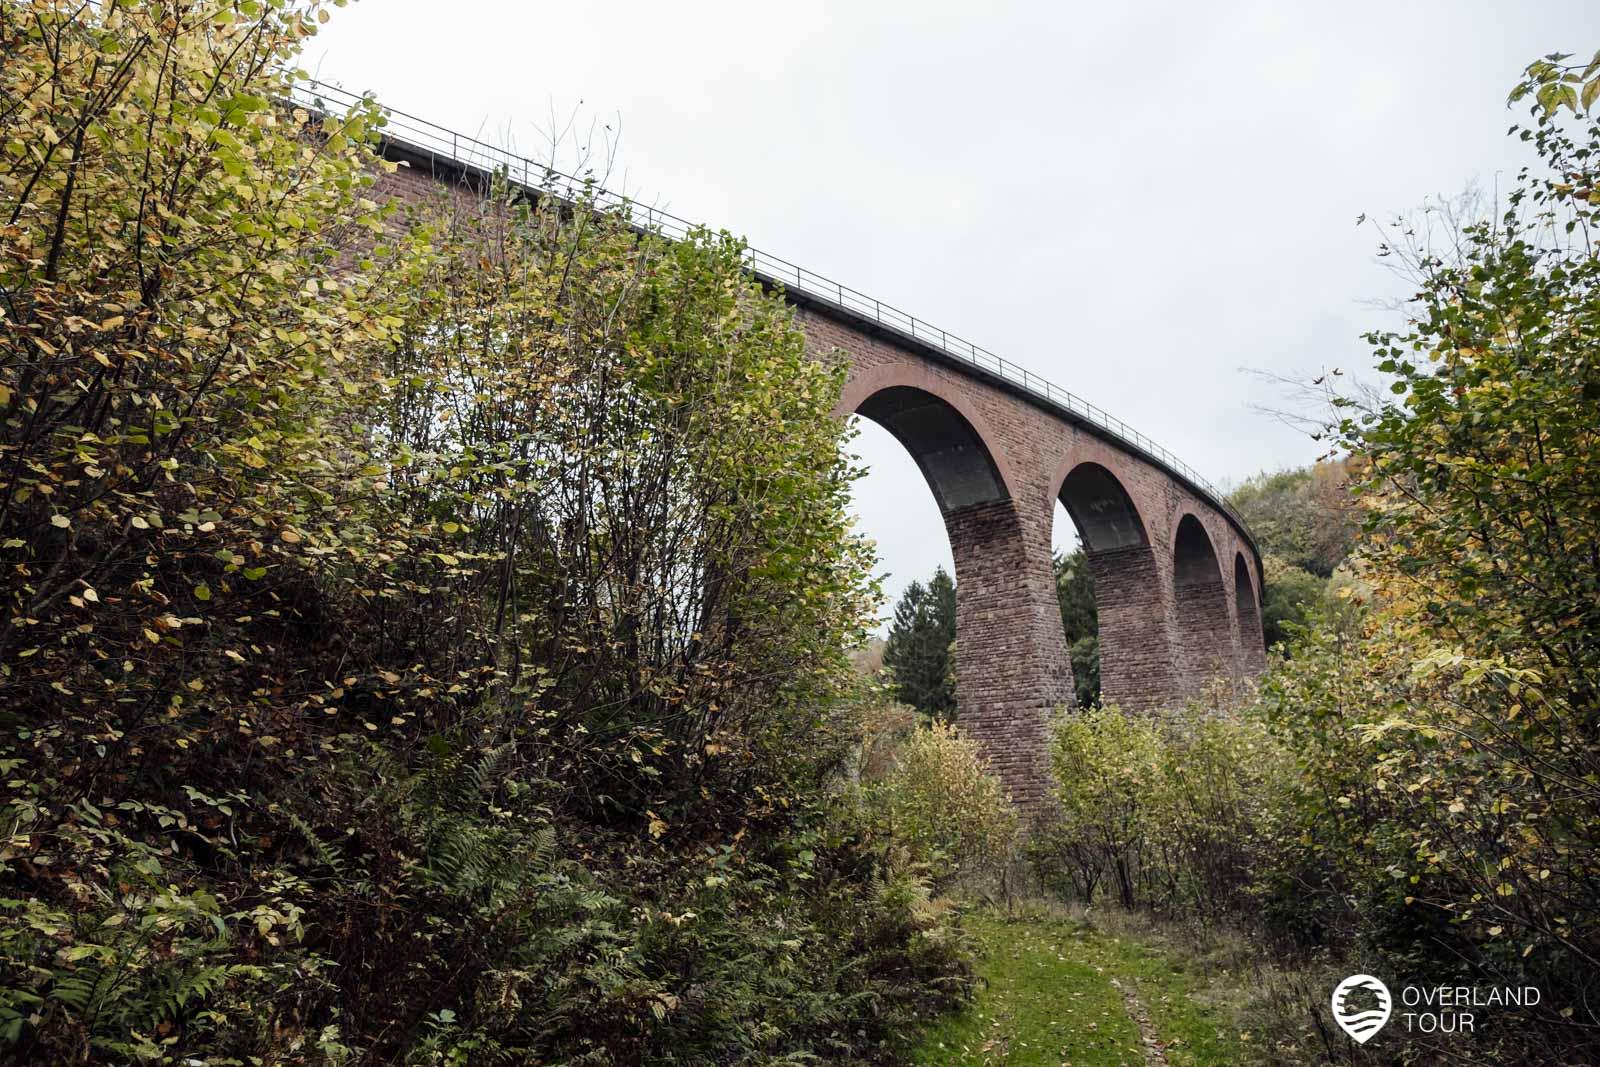 Das Hunsrückbahnviadukt mit seiner Länge von 160 Meter und einer Höhe von 42 Metern